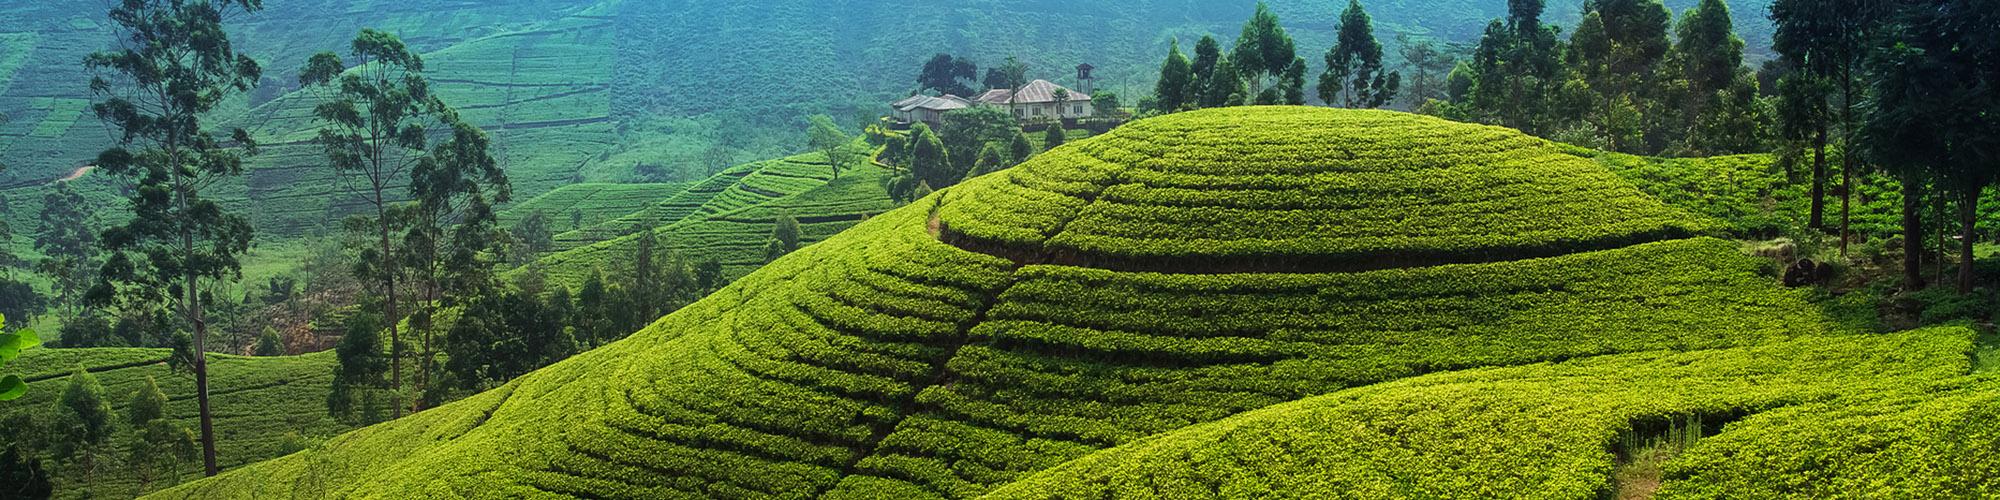 Circuit détente, culture et nature à Sri Lanka